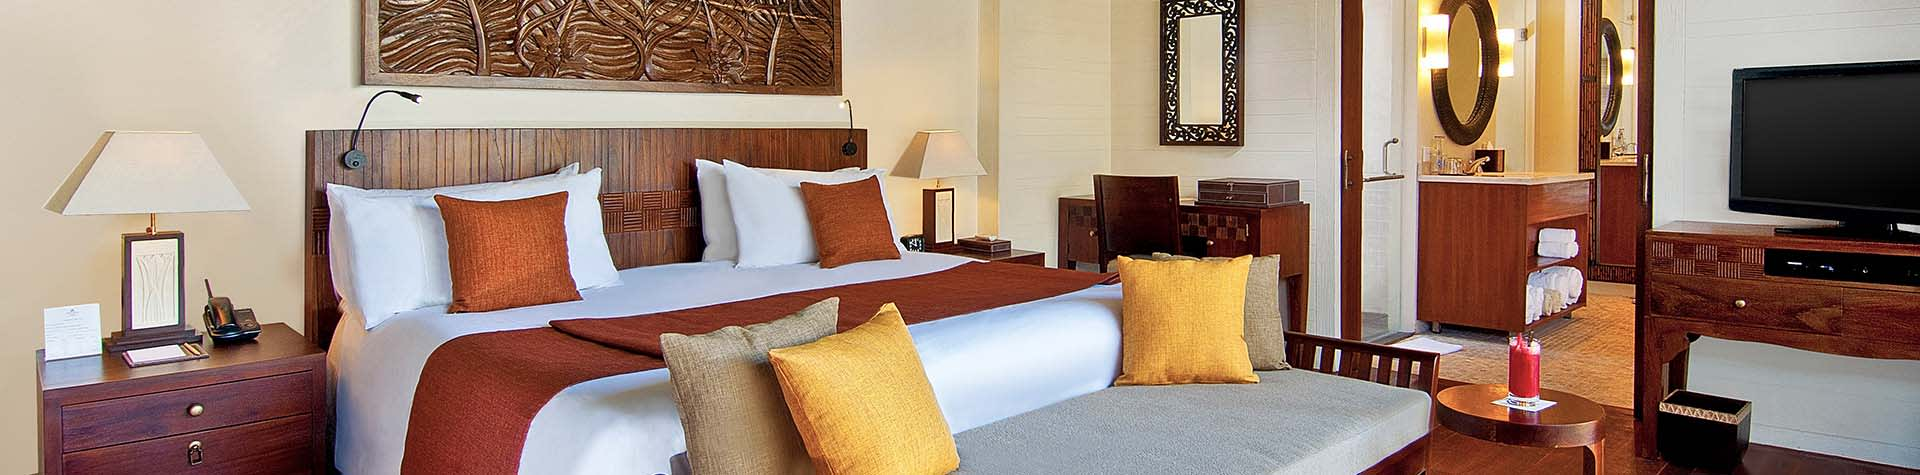 One Bedroom Pool Villa at Avani Seminyak Bali Resort